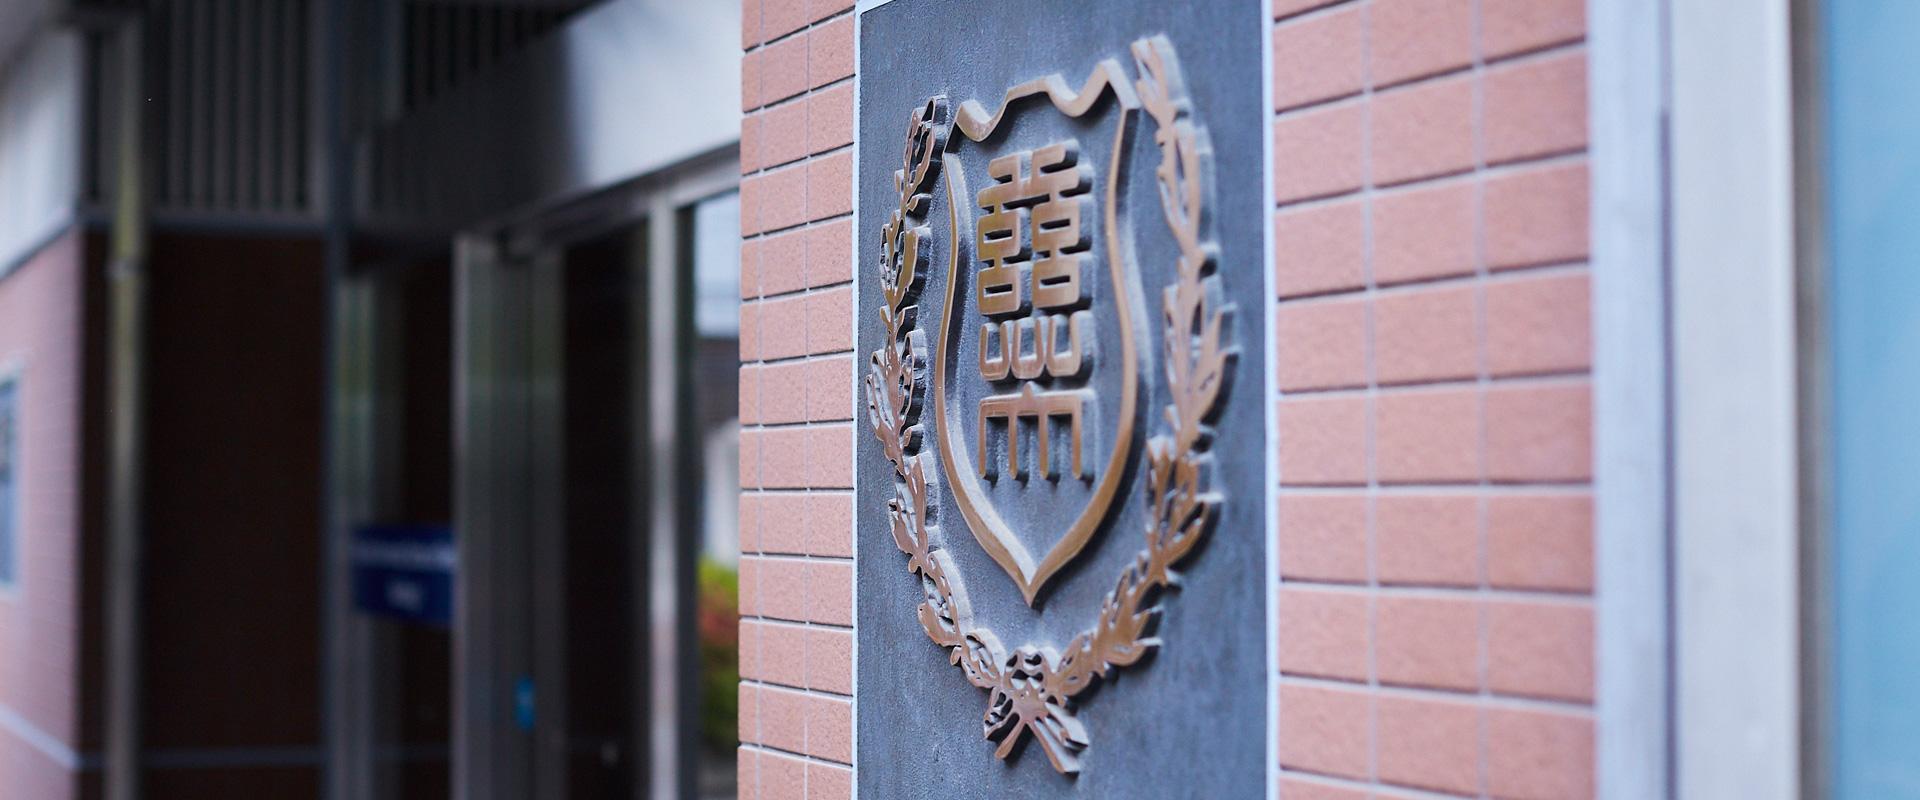 ウイルス 病院 コロナ 慈恵 大学